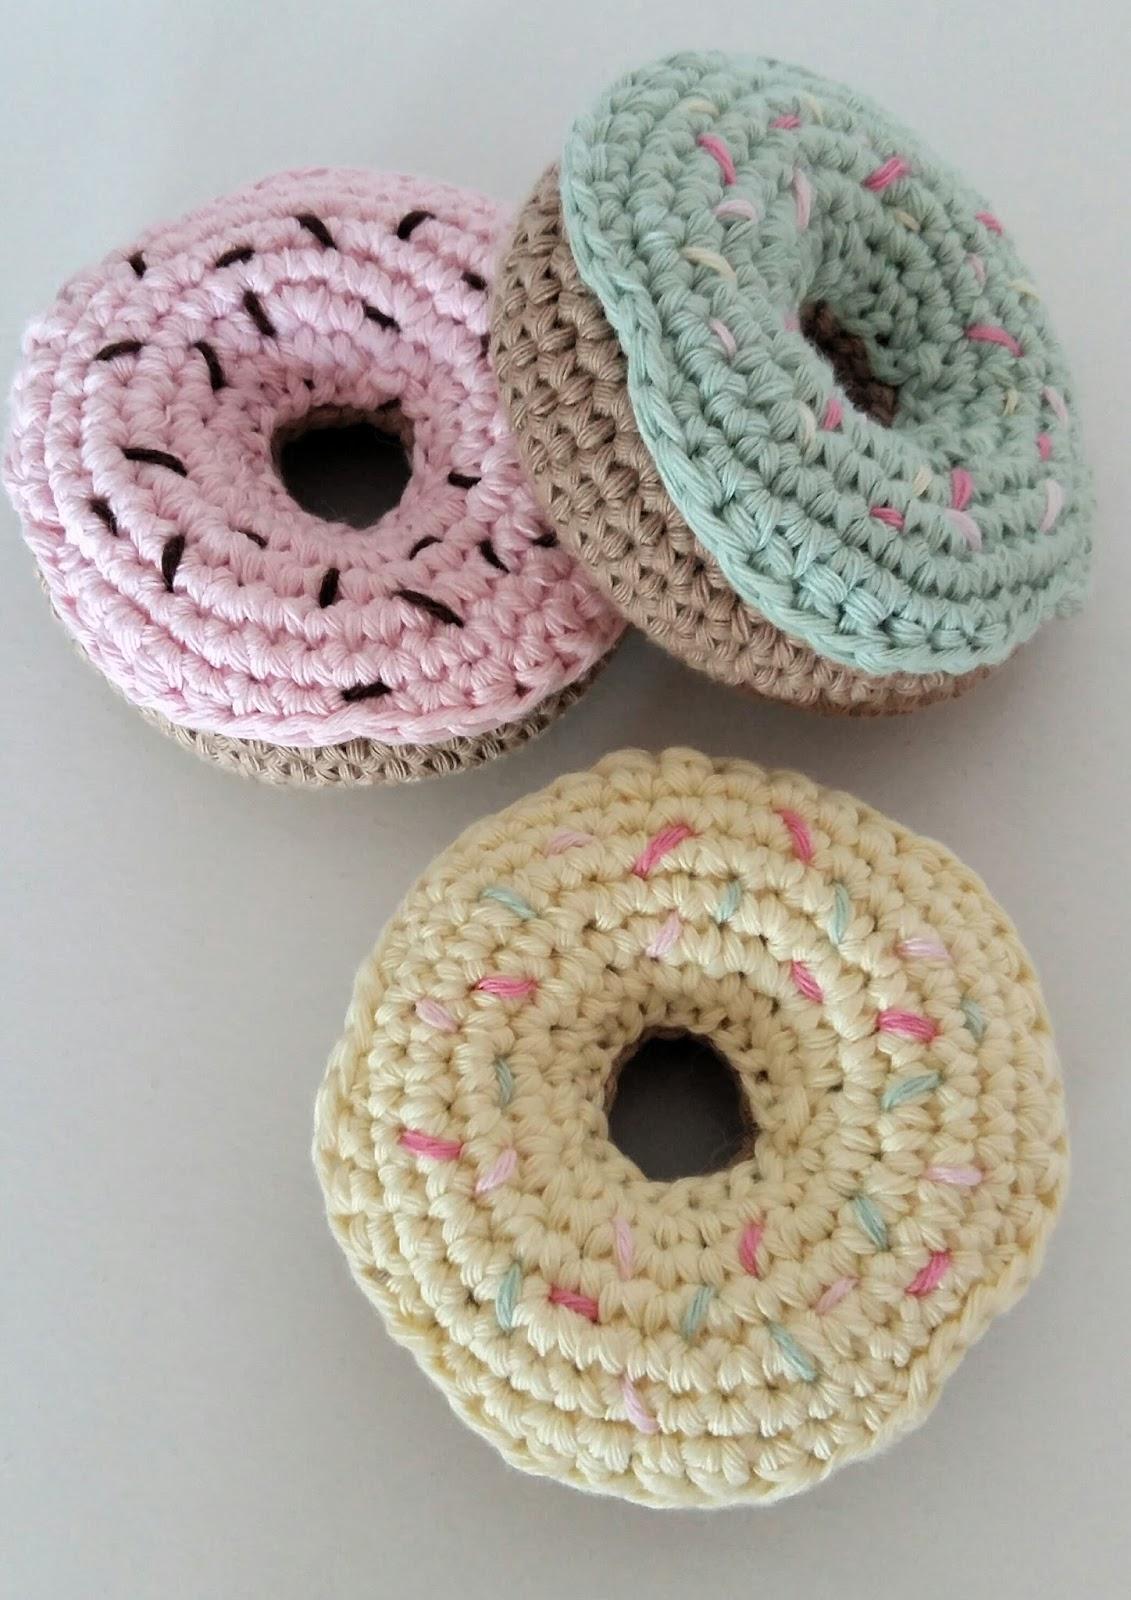 F e du tricot dinette pastel donuts et glace au crochet - Demi bride au crochet ...